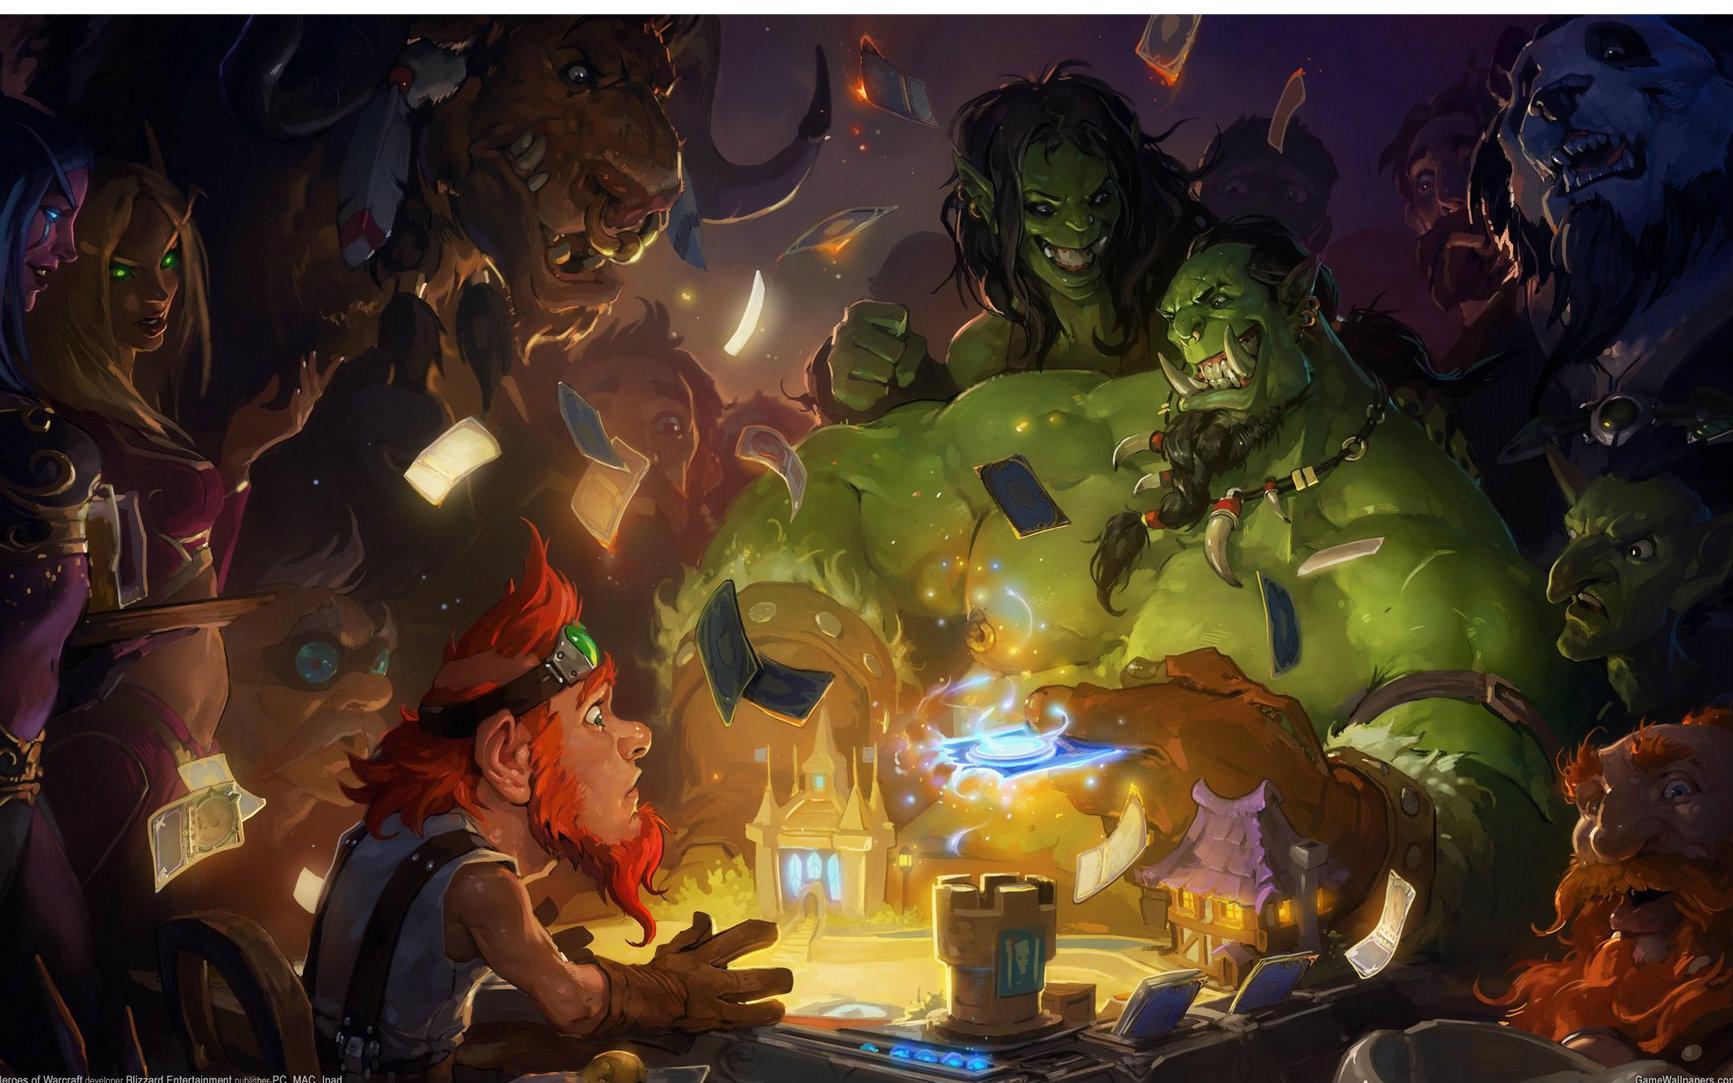 炉石传说背后的故事-魔兽简史第二十一话-天灾军团的建立